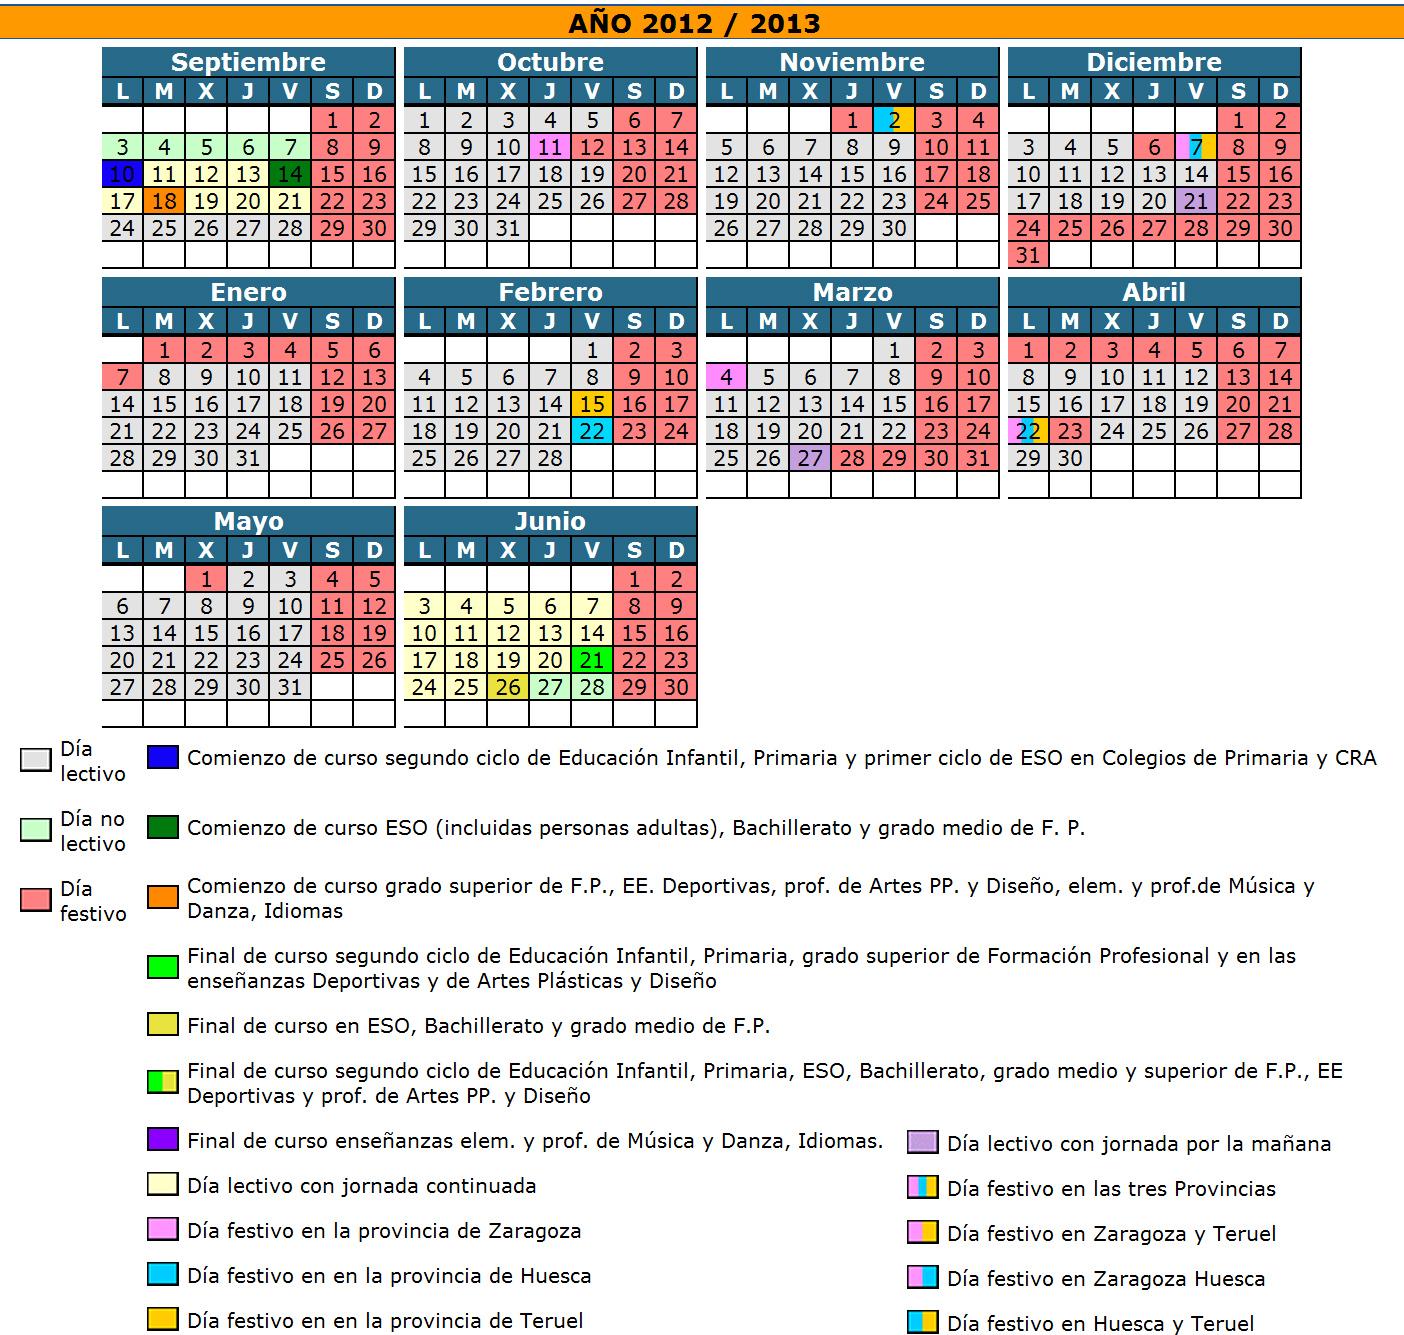 Aragon Calendario Escolar.Profesor De Eso Calendario Escolar De Aragon Para El Curso